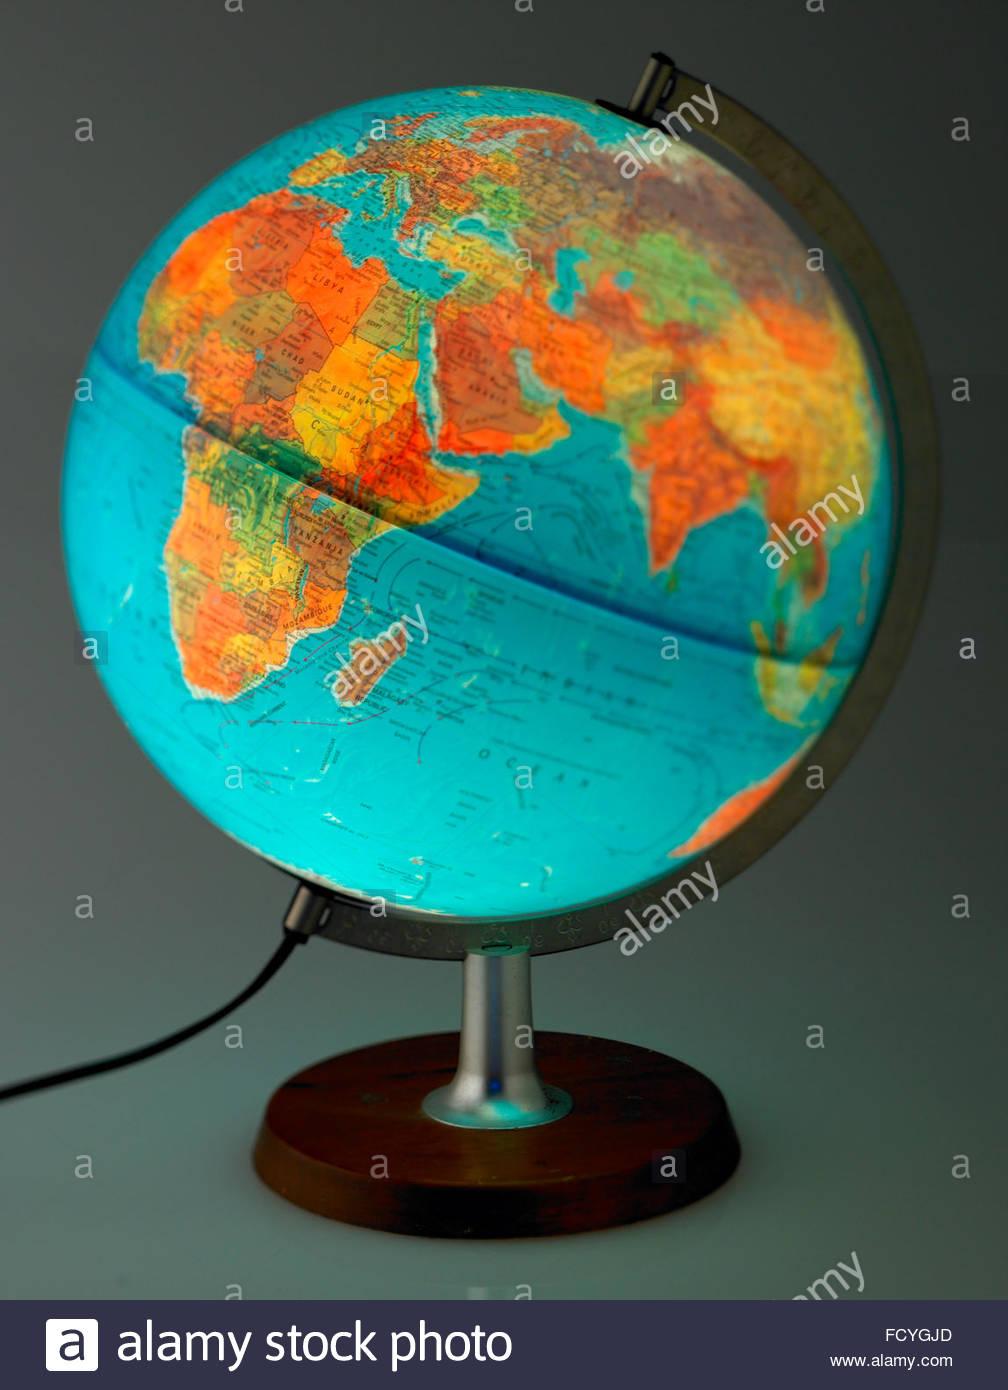 World whole globe illuminated map plastic and translucent world whole globe illuminated map plastic and translucent showing the equator europe and africa on a hard base gumiabroncs Images